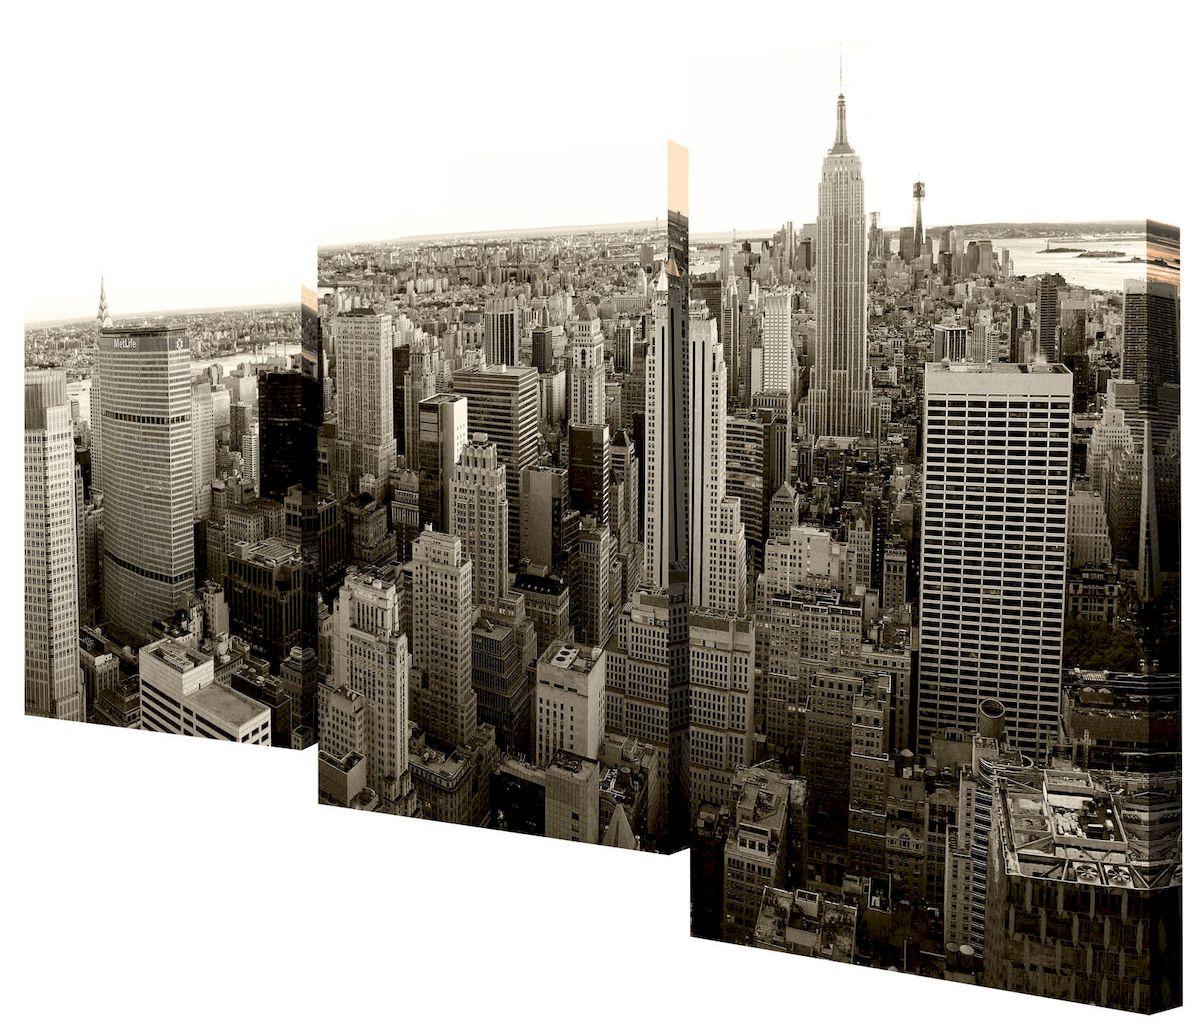 Картина модульная Toplight Город, 50 х 78 см. TL-MM1021TL-MM1021Модульная картина Toplight Город выполнена из синтетического полотна, подрамник из МДФ. Картина состоит из трех частей и выглядит очень аккуратно и эстетично благодаря такому способу оформления как галерейная натяжка. Подрамник исключает провисание полотна. Современные технологии, уникальное оборудование и цифровая печать, используемые в производстве, делают постер устойчивым к выцветанию и обеспечивают исключительное качество произведений. Благодаря наличию необходимых креплений в комплекте установка не займет много времени. Модульная картина - это прекрасная возможность создать яркий акцент при оформлении любого помещения. Изделие обязательно привлечет внимание и подарит немало приятных впечатлений своим обладателям. Правила ухода: можно протирать сухой, мягкой тканью. Размеры модулей: 26 х 31 см, 26 х 50 см, 26 х 40 см. Рекомендованное расстояние между сегментами: 1 см. Толщина подрамника: 2 см.